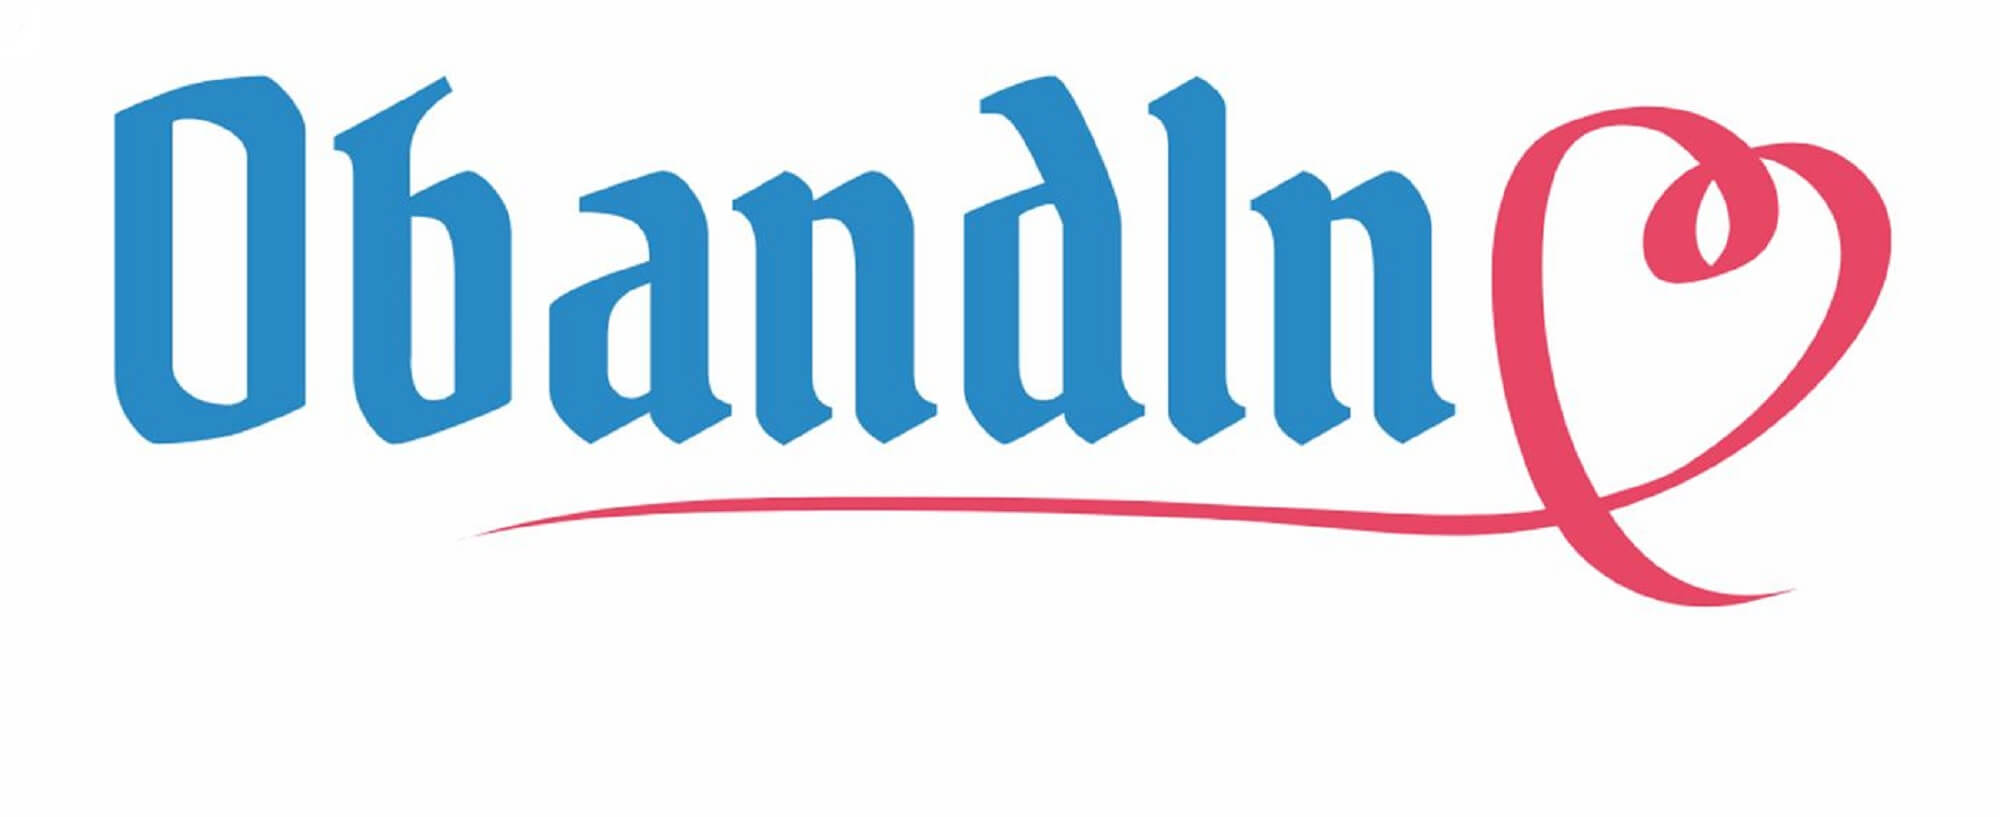 Obandln logo